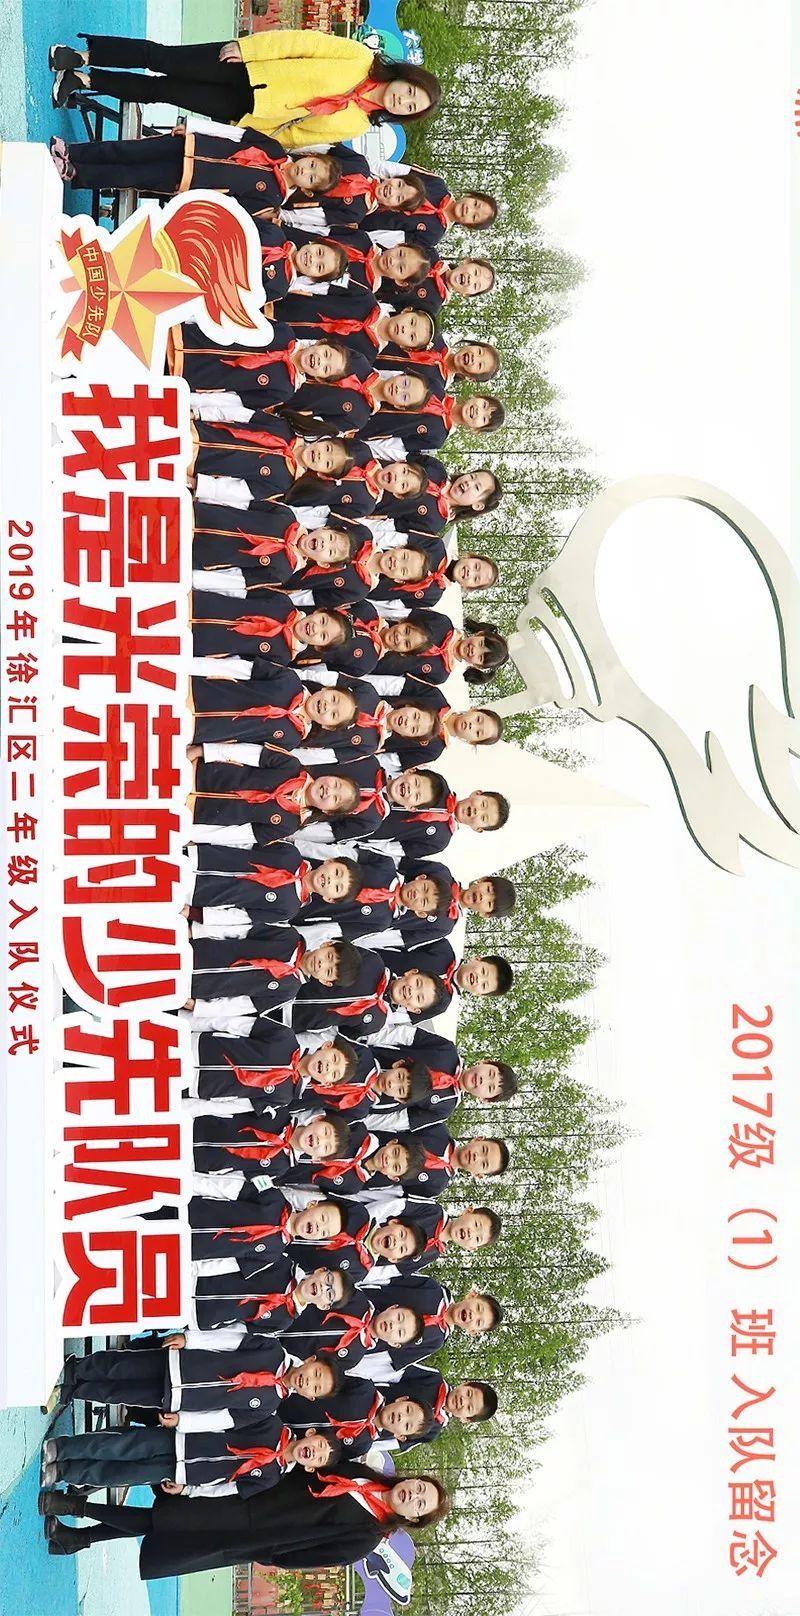 中国梦手抄报 中国梦手抄报,与梦同行扬帆远航_手抄报_故事中国